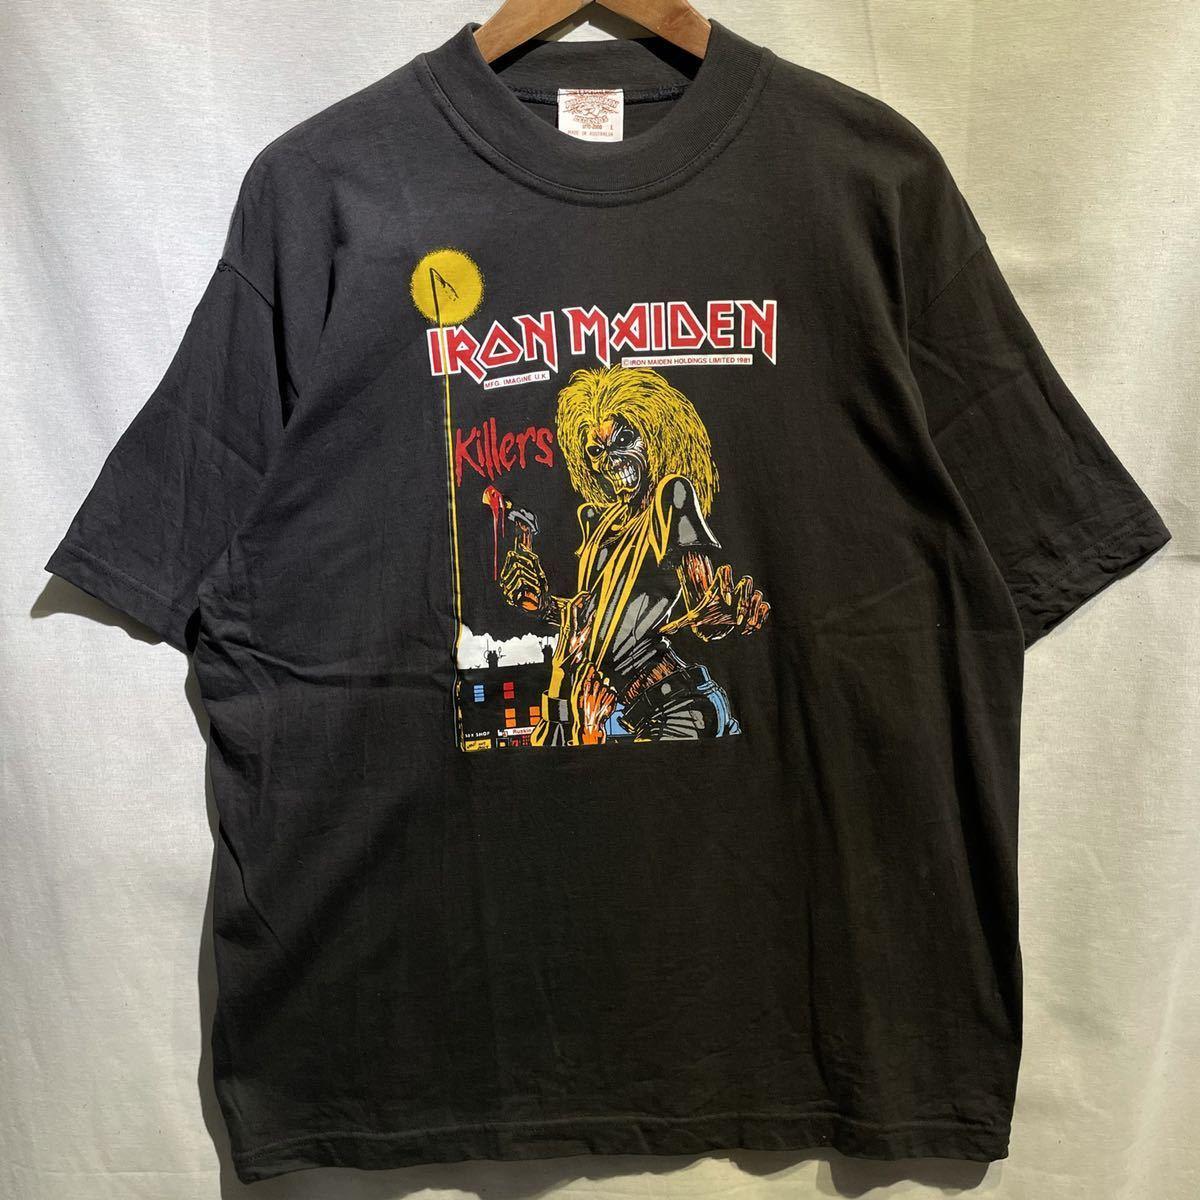 【希少】'00 IRON MAIDEN バンド Tシャツ Australia製 L ヴィンテージ / Metallica Guns N' Roses AC/DC Led Zeppelin Nirvana 80s 90s_画像2